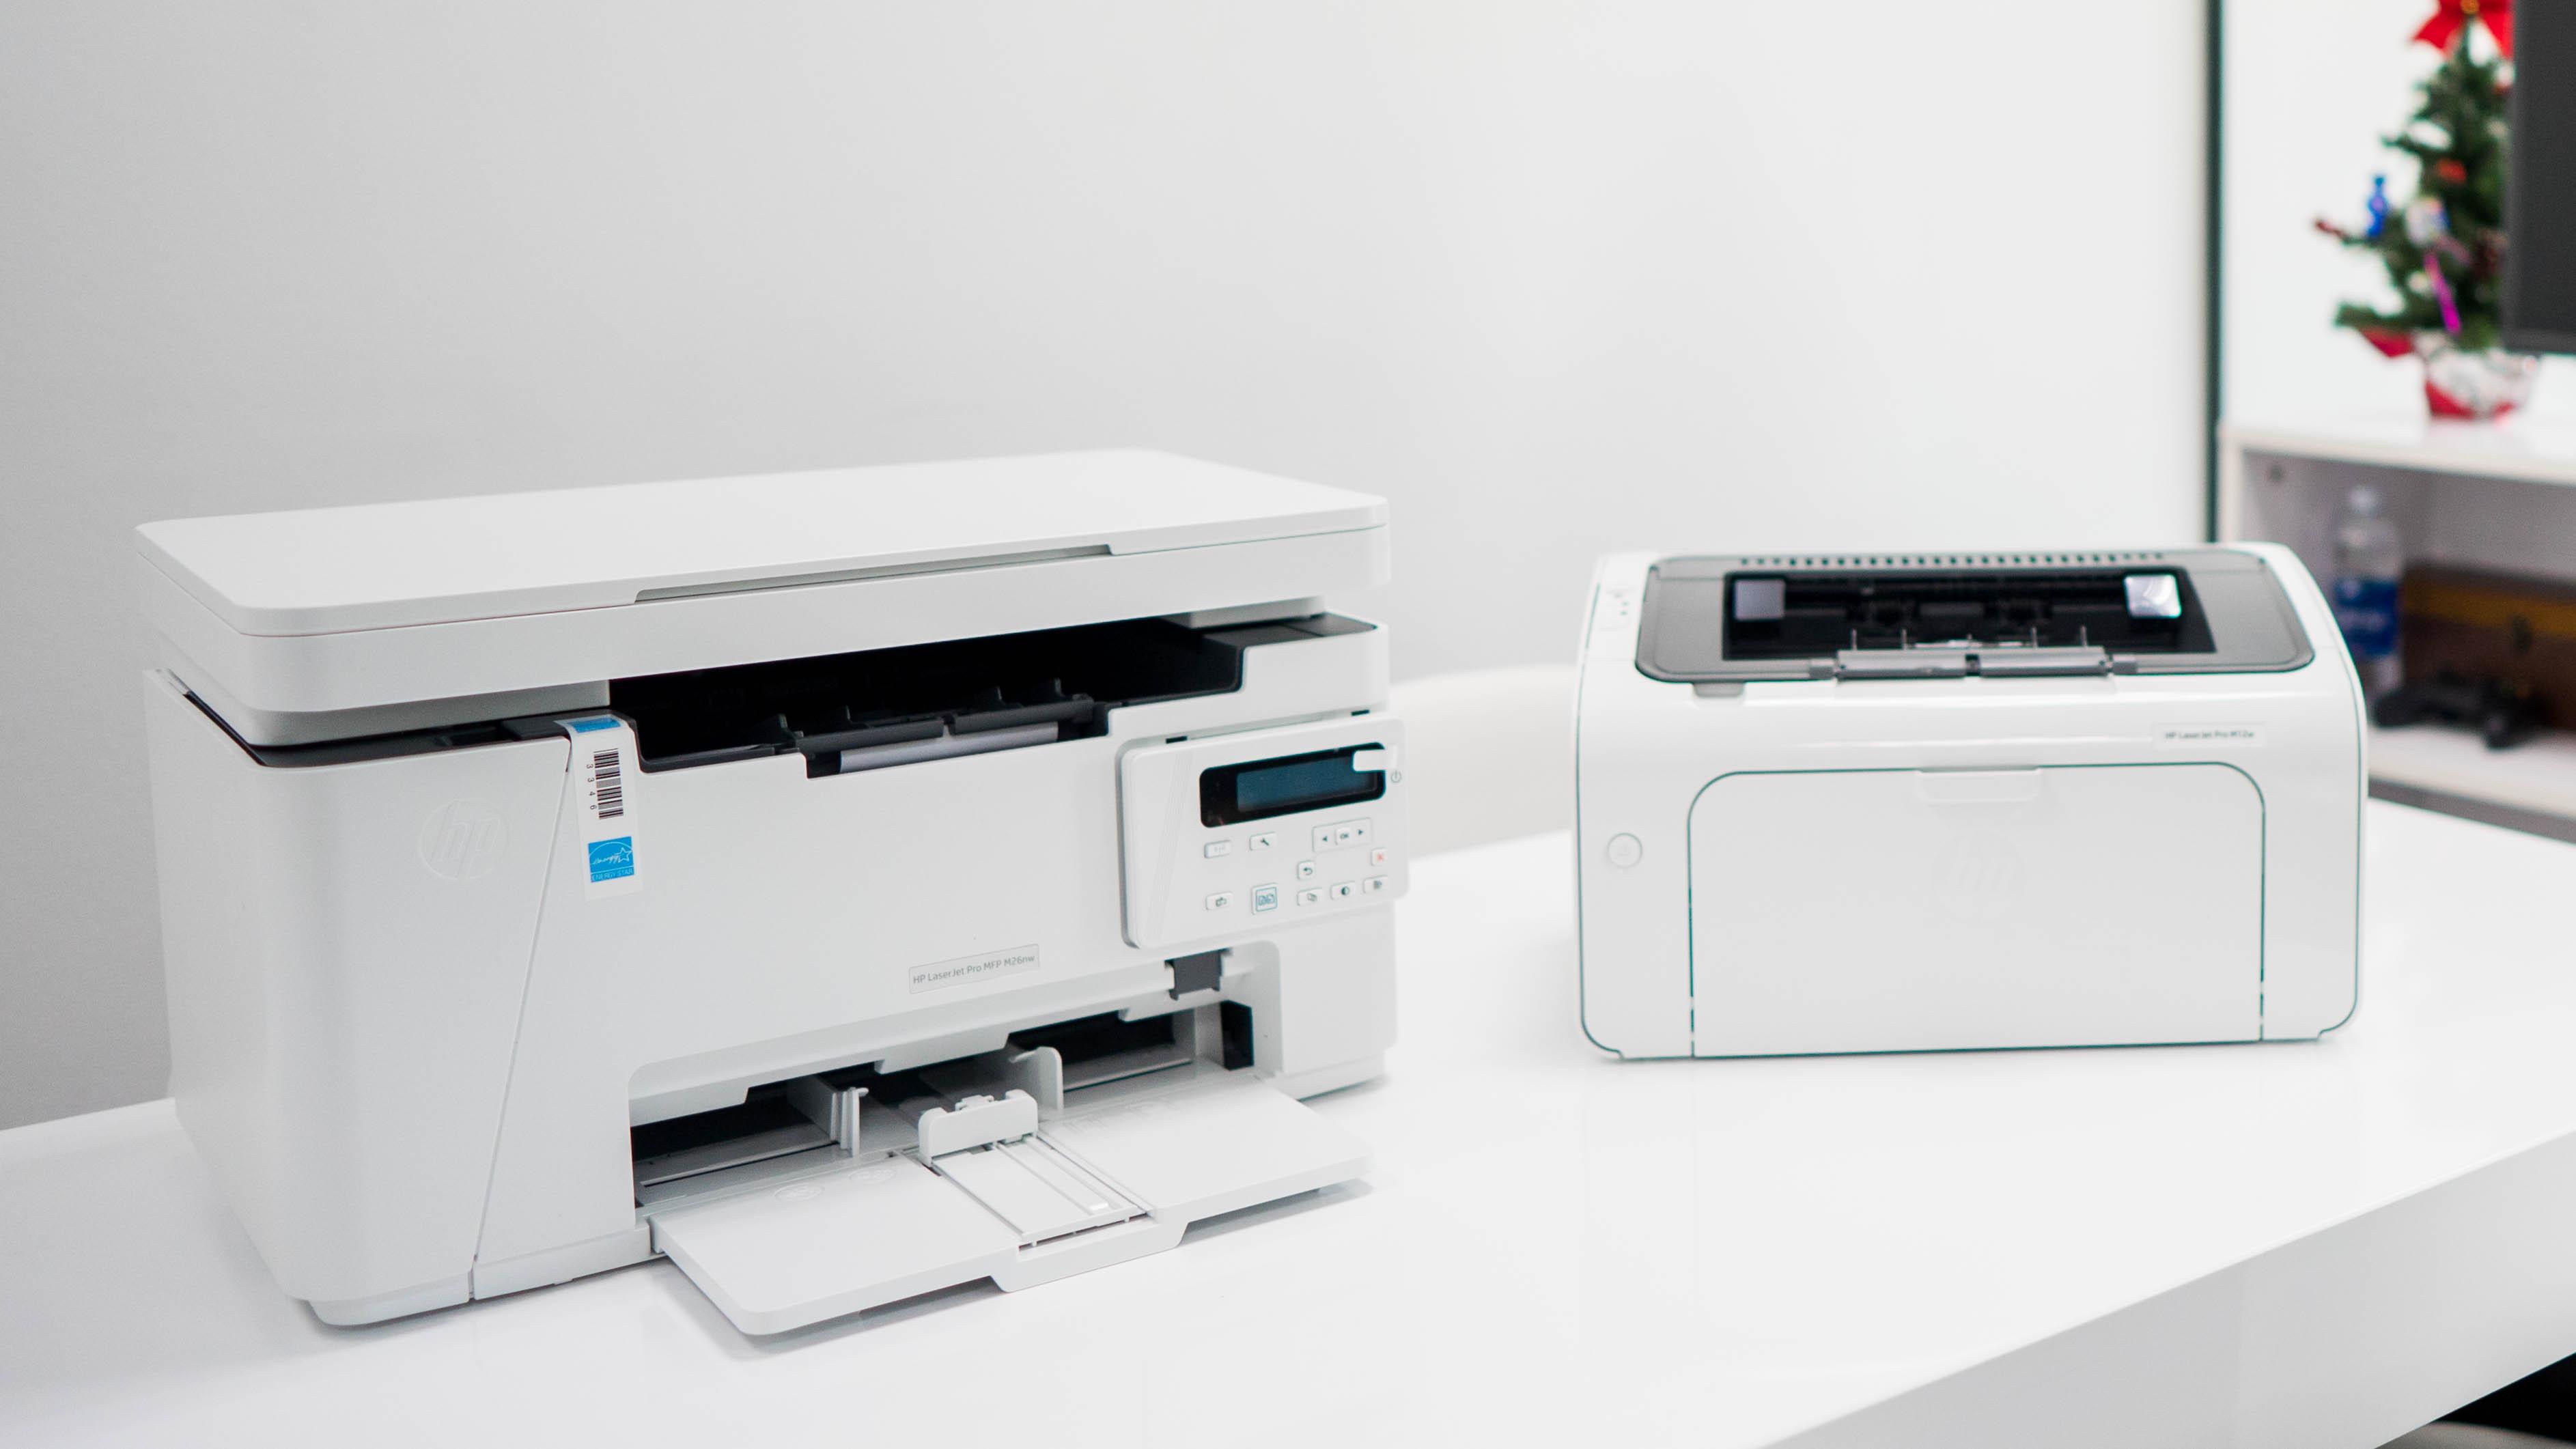 Bộ đôi máy in văn phòng giá vừa tầm siêu nhỏ gọn